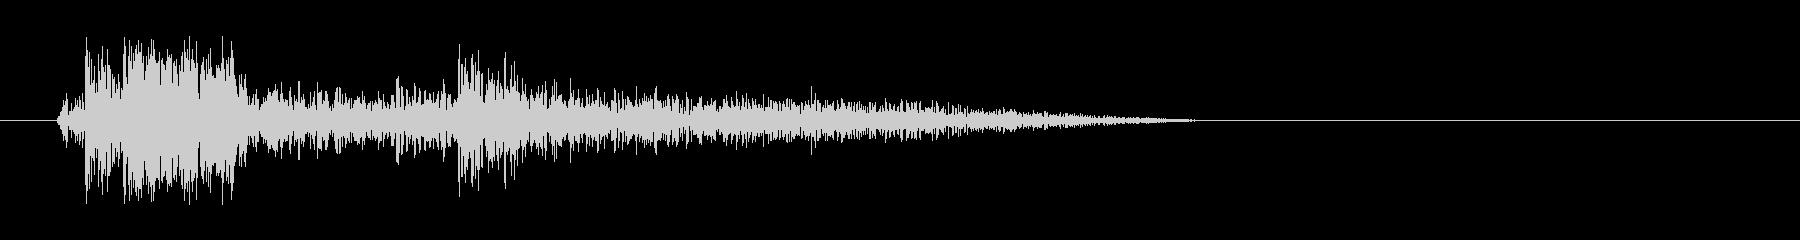 パシャッ(キレの良いシャッター音)の未再生の波形